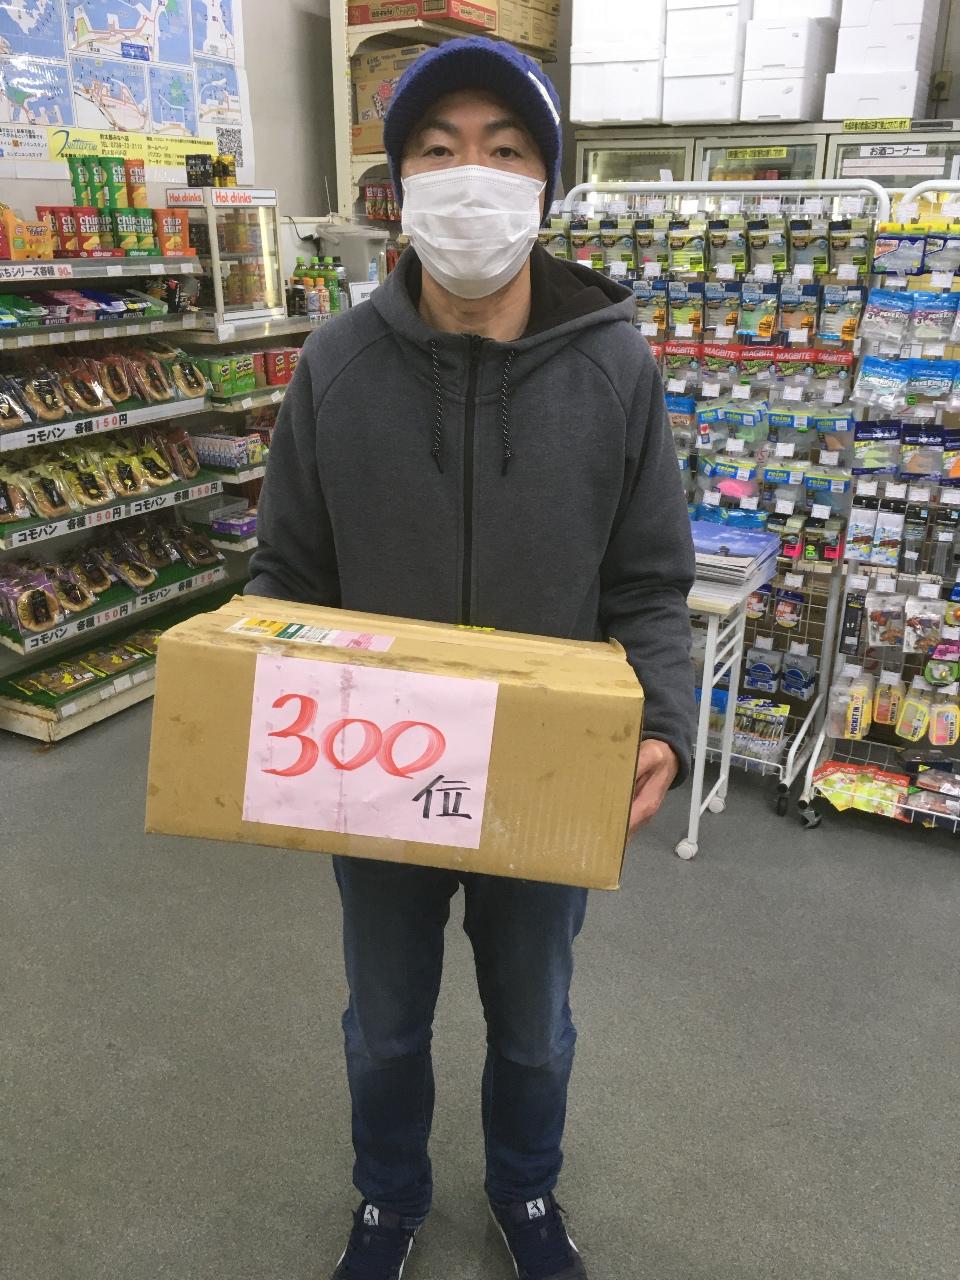 12/26    第5回アオリダービー     300 位  皇帝様  骨付きブロック肉3kgget !! おめでとうございます。